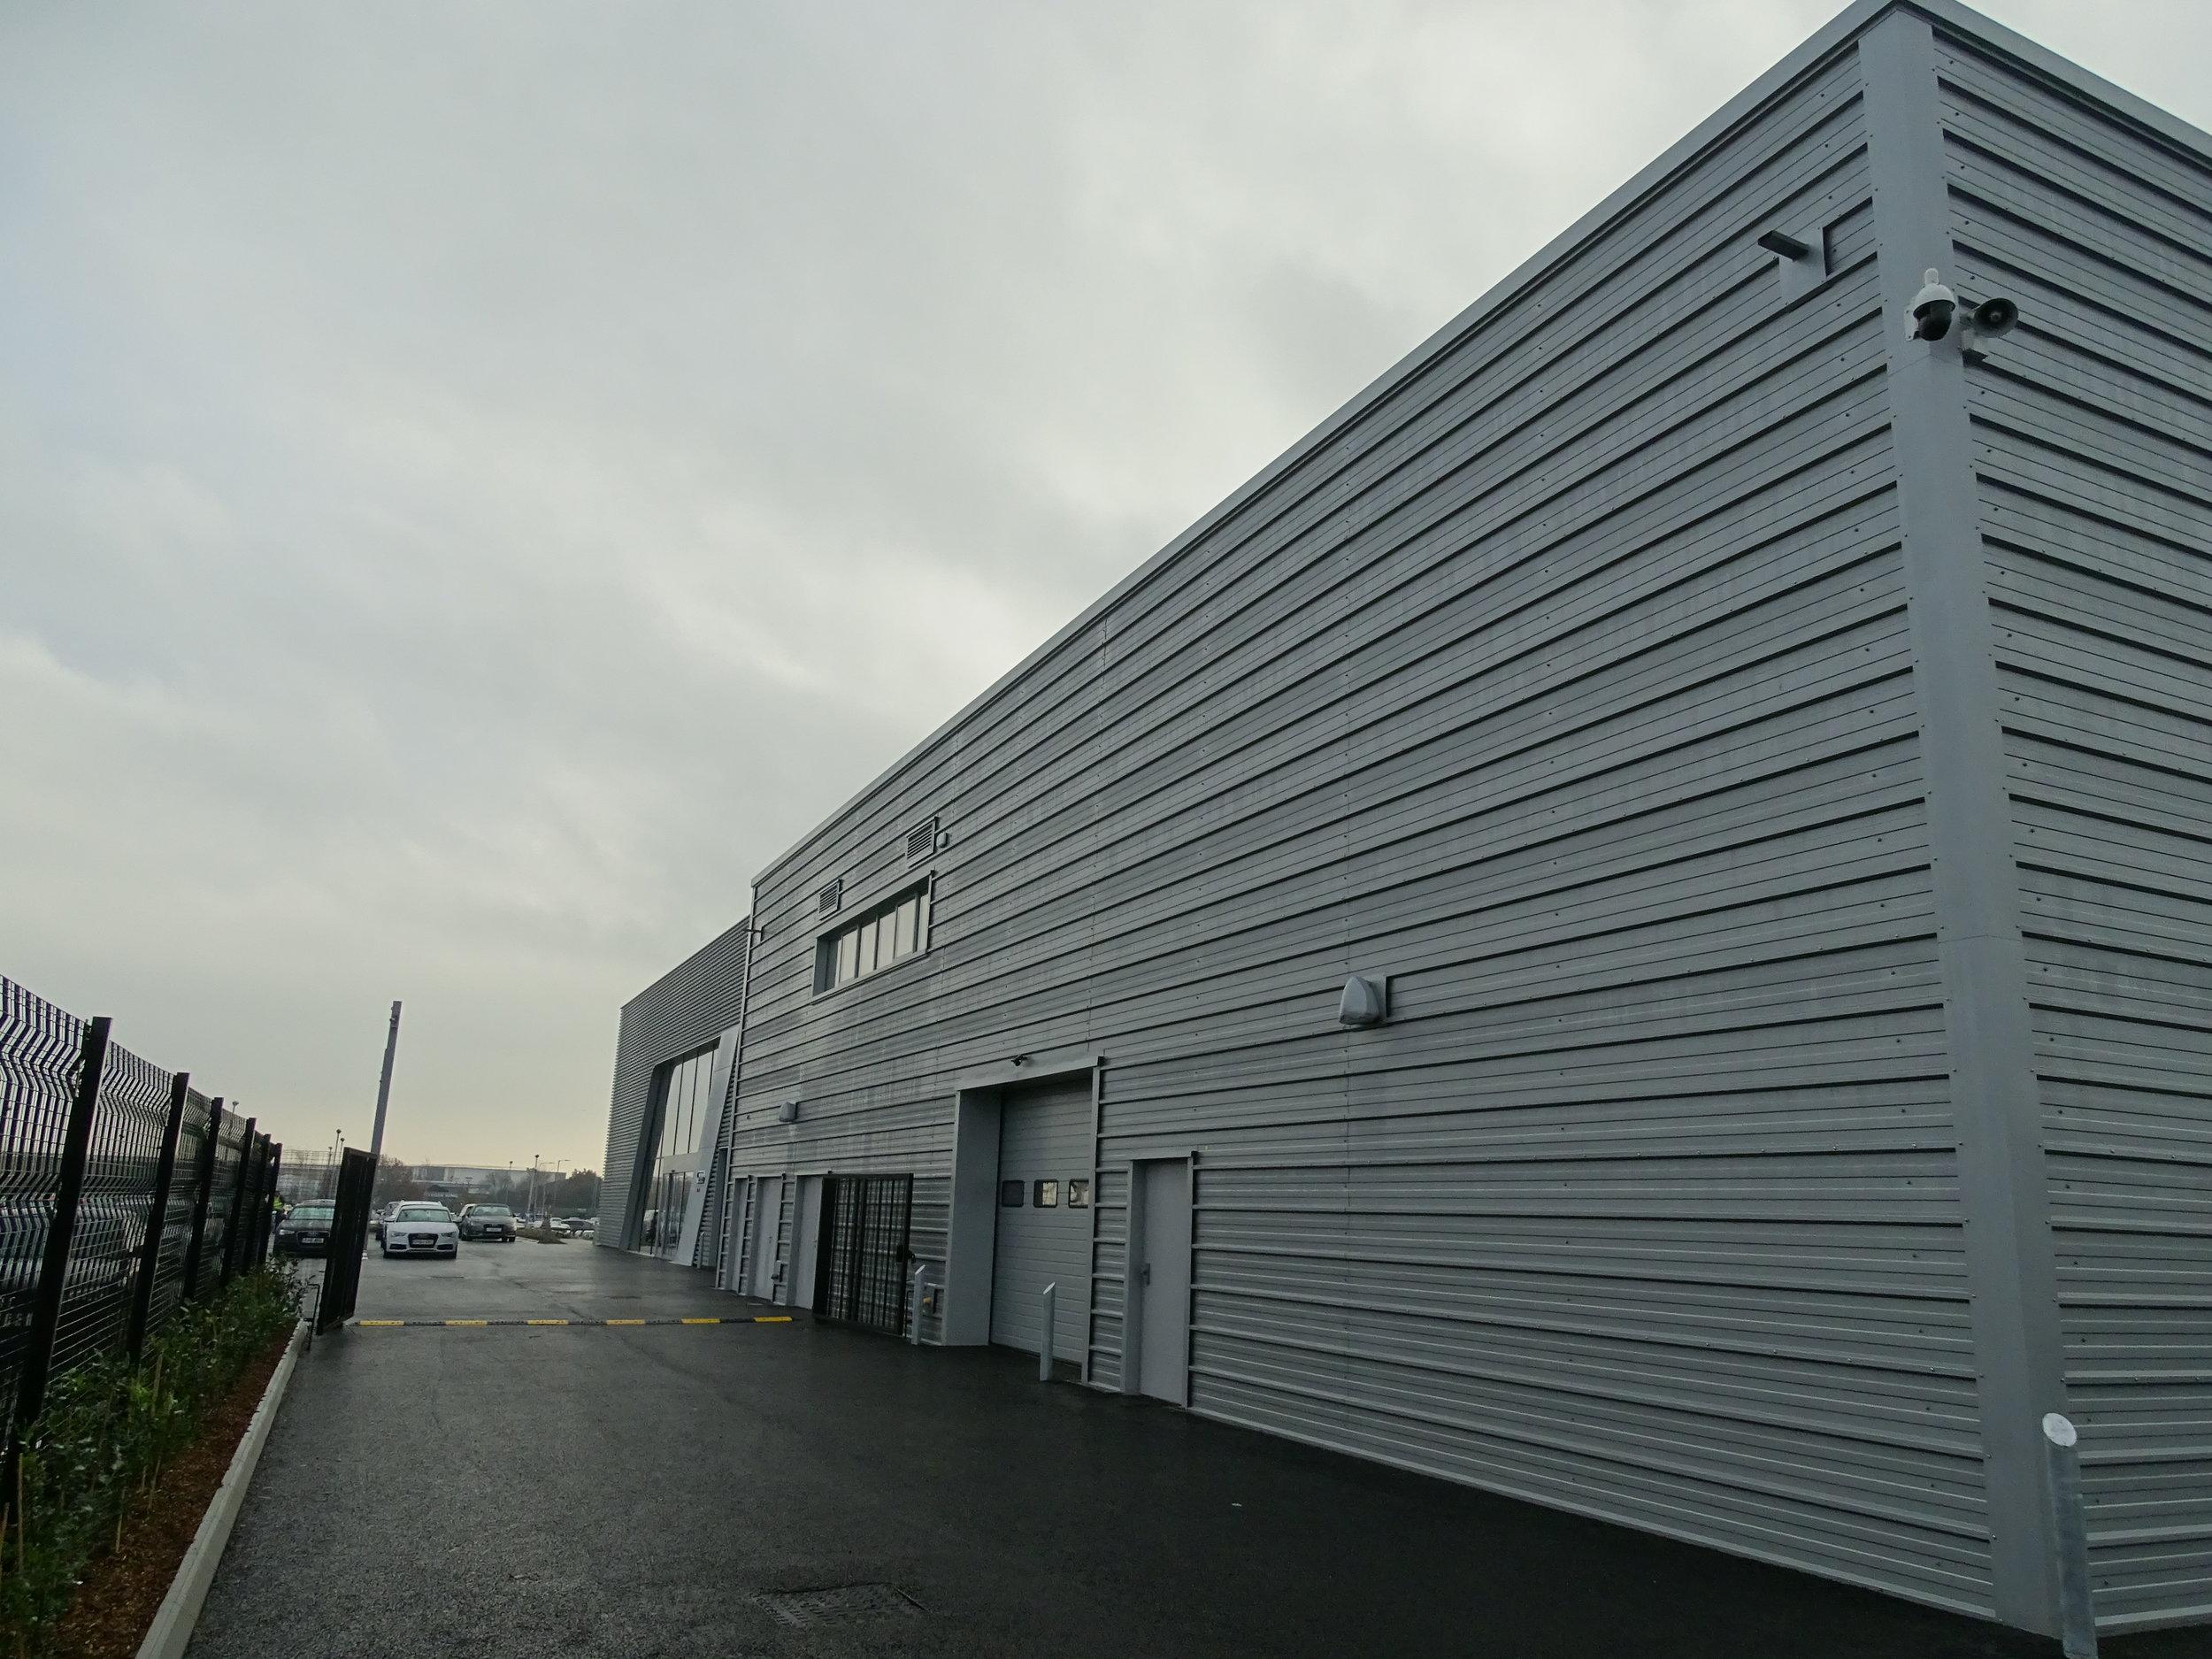 Kingspan horizontal composite wall cladding